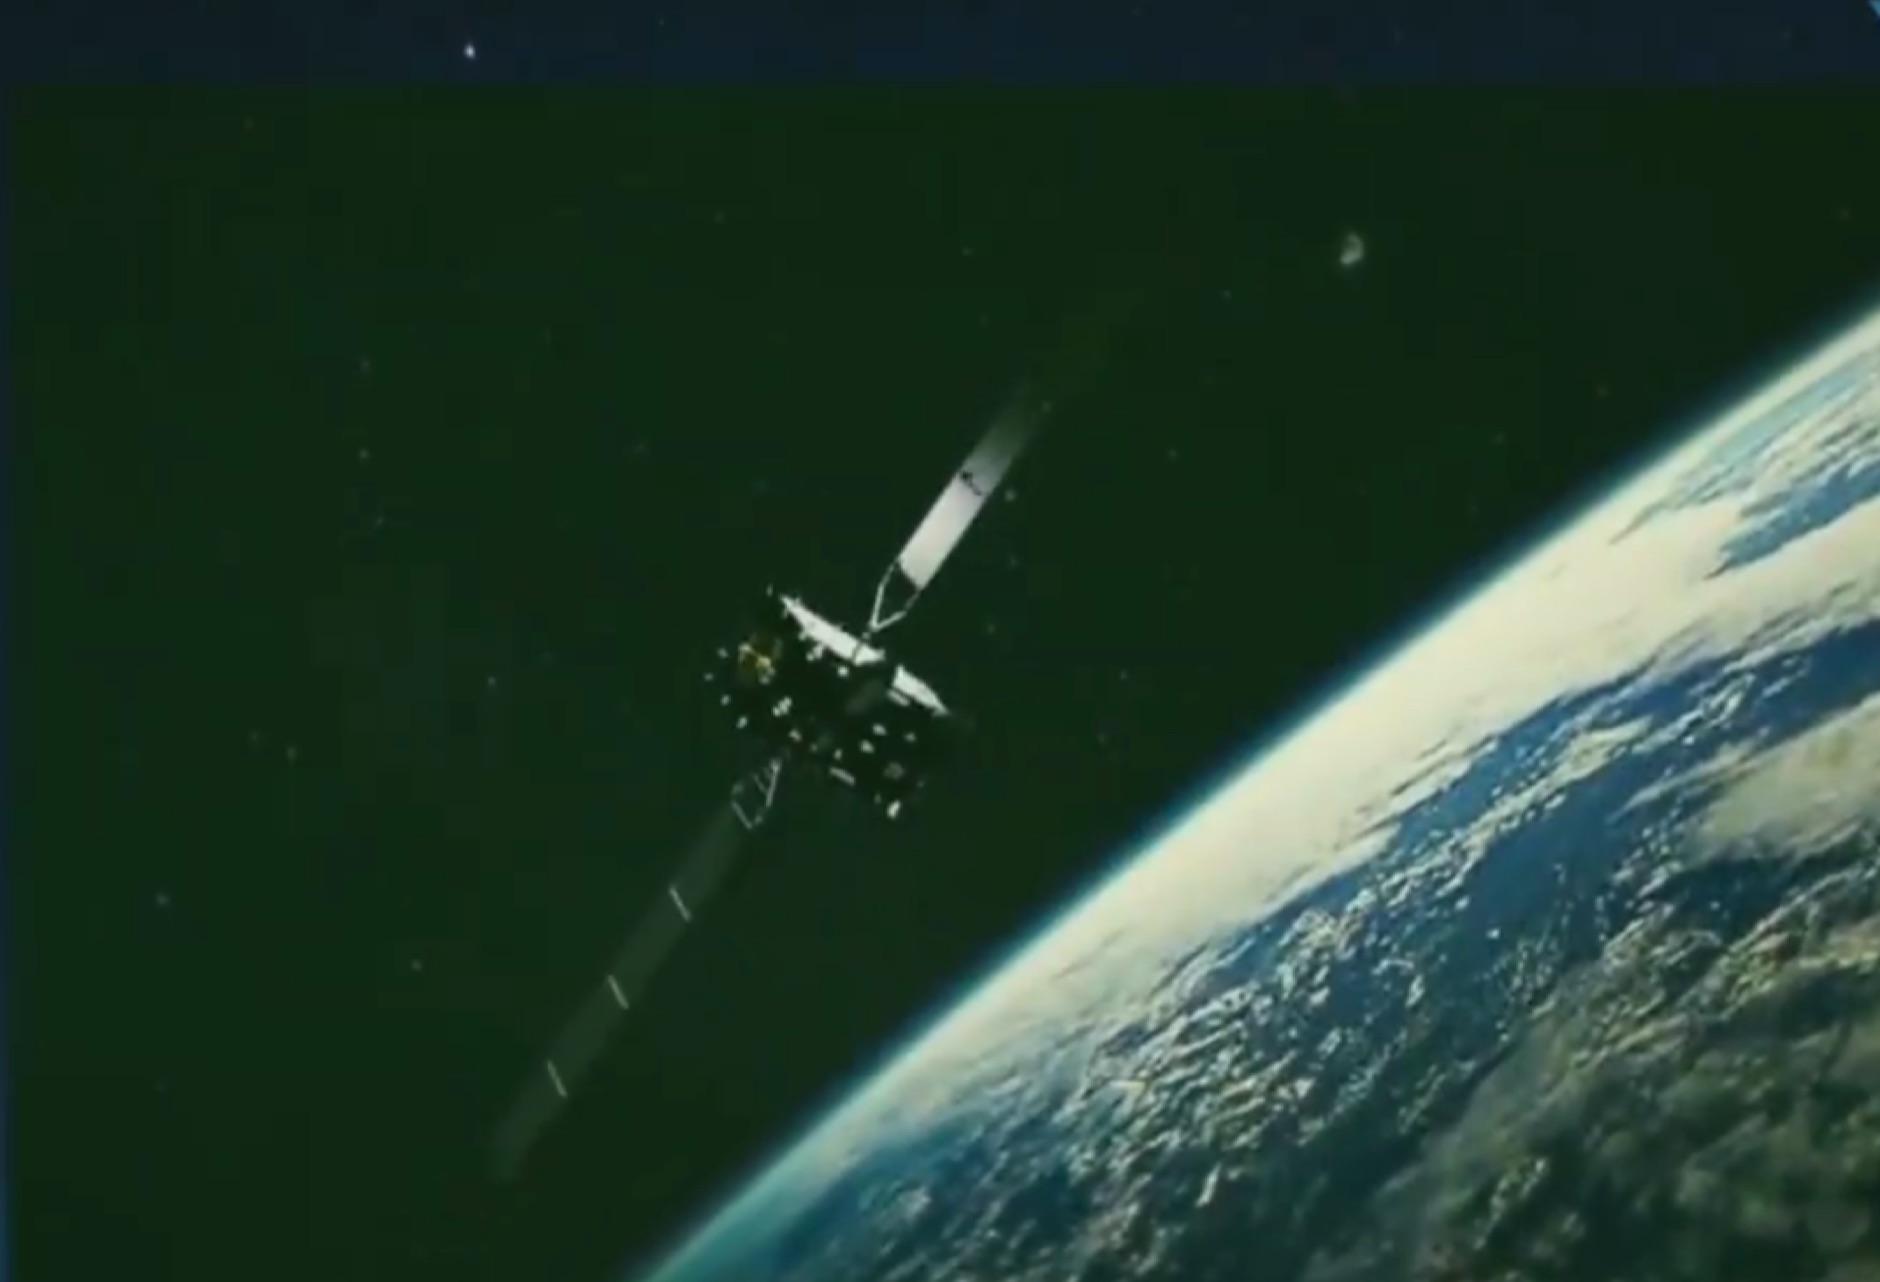 Receiving the QO-100 GeoSat